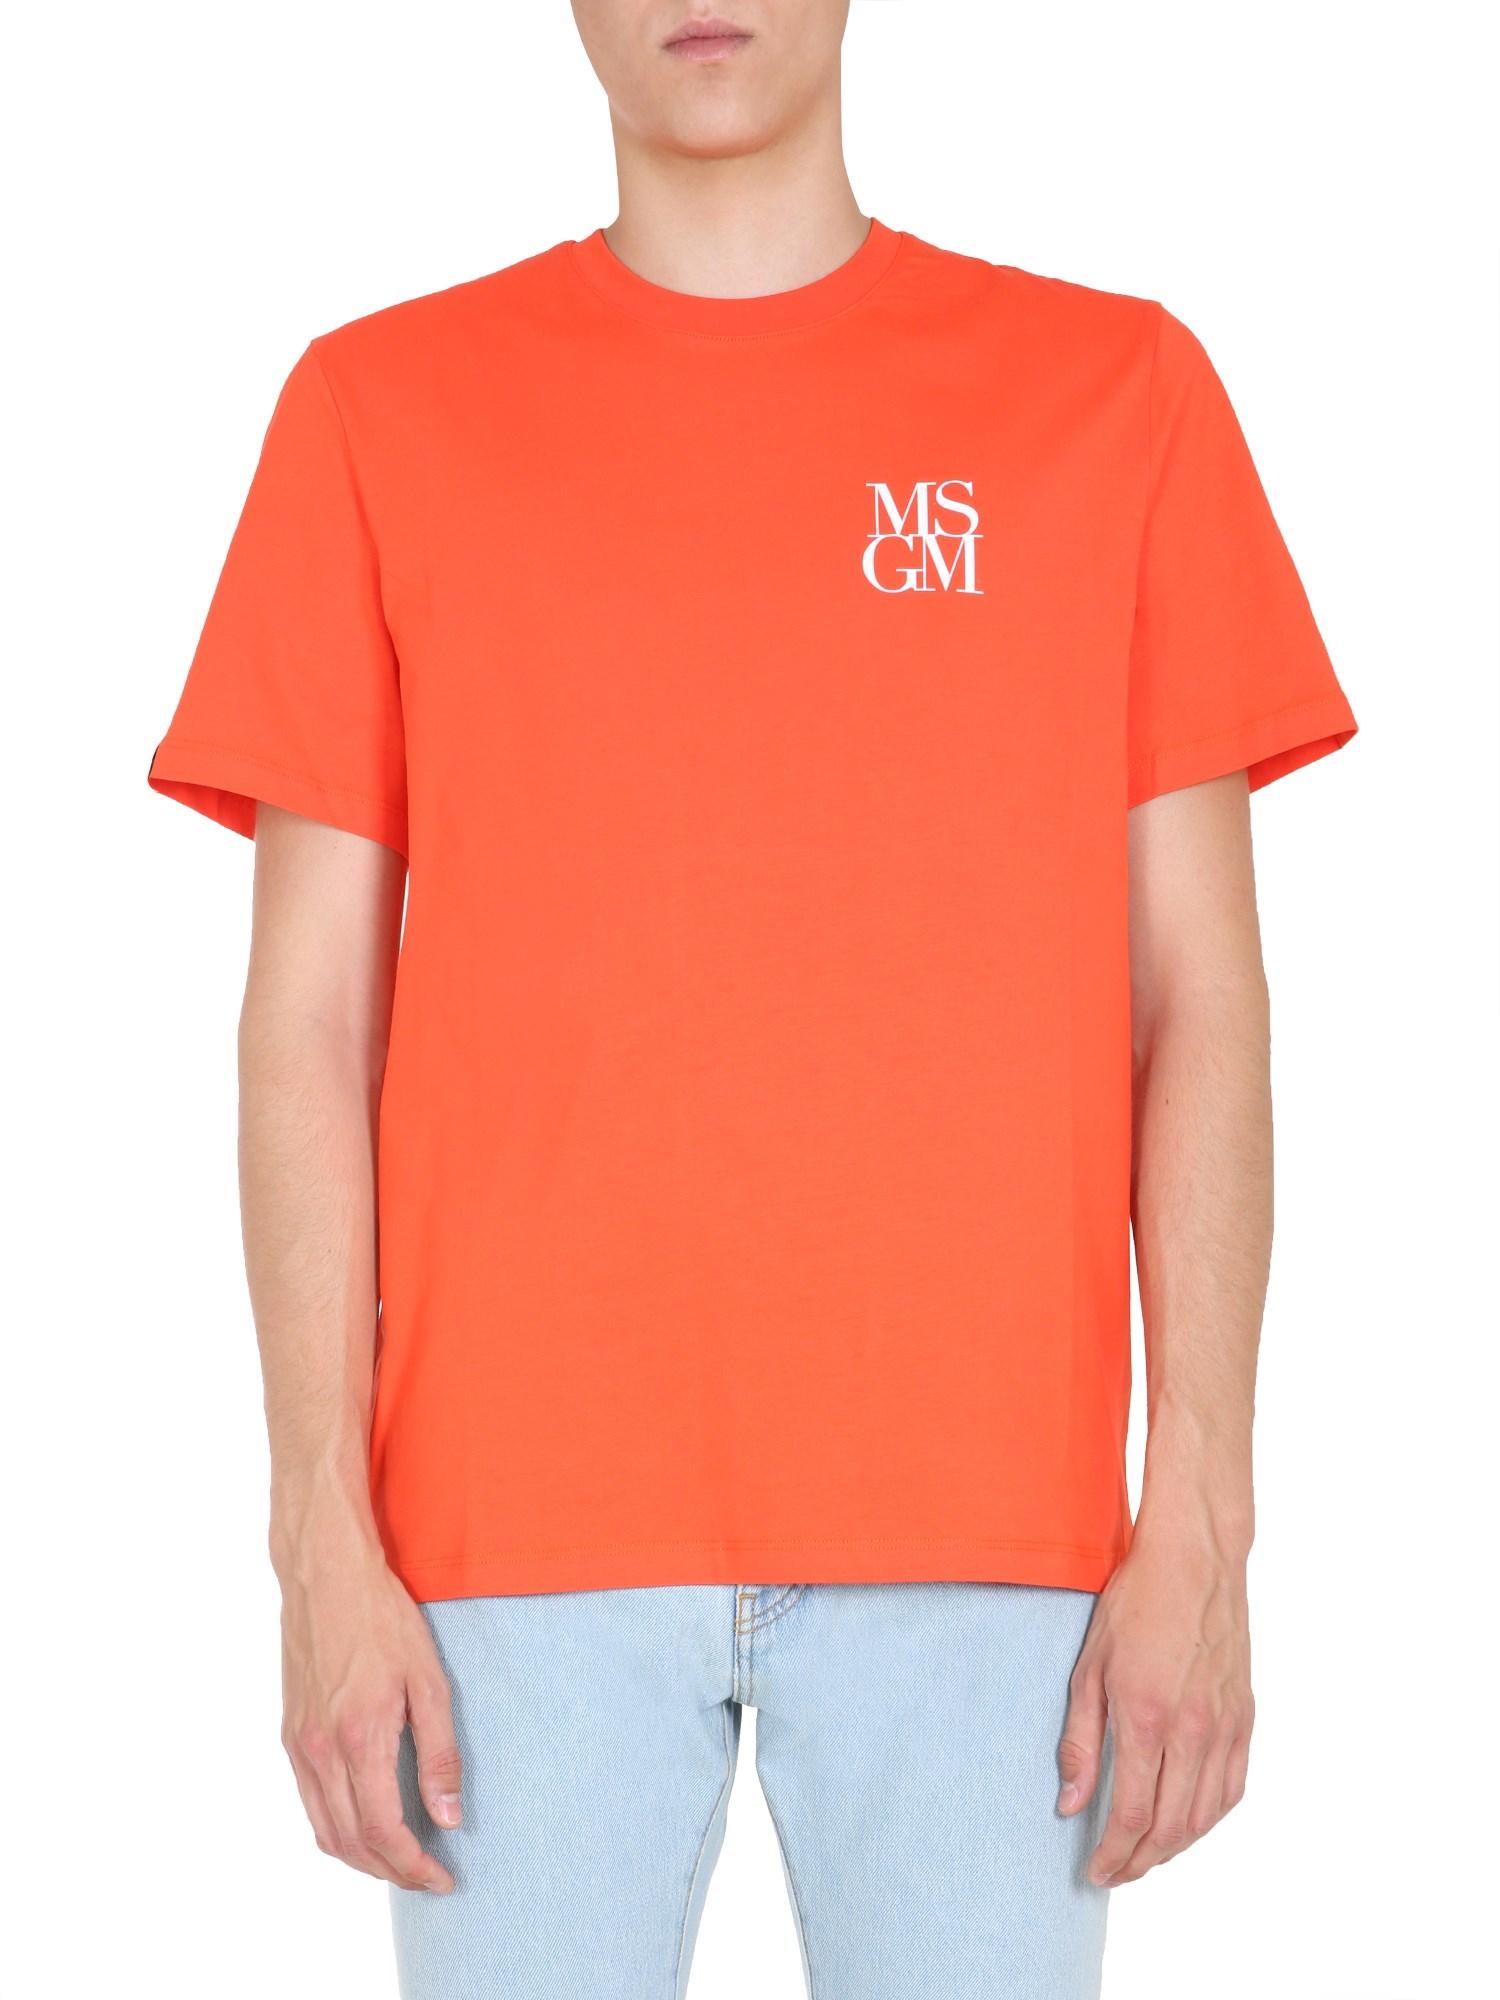 Msgm round neck t-shirt - msgm - Modalova